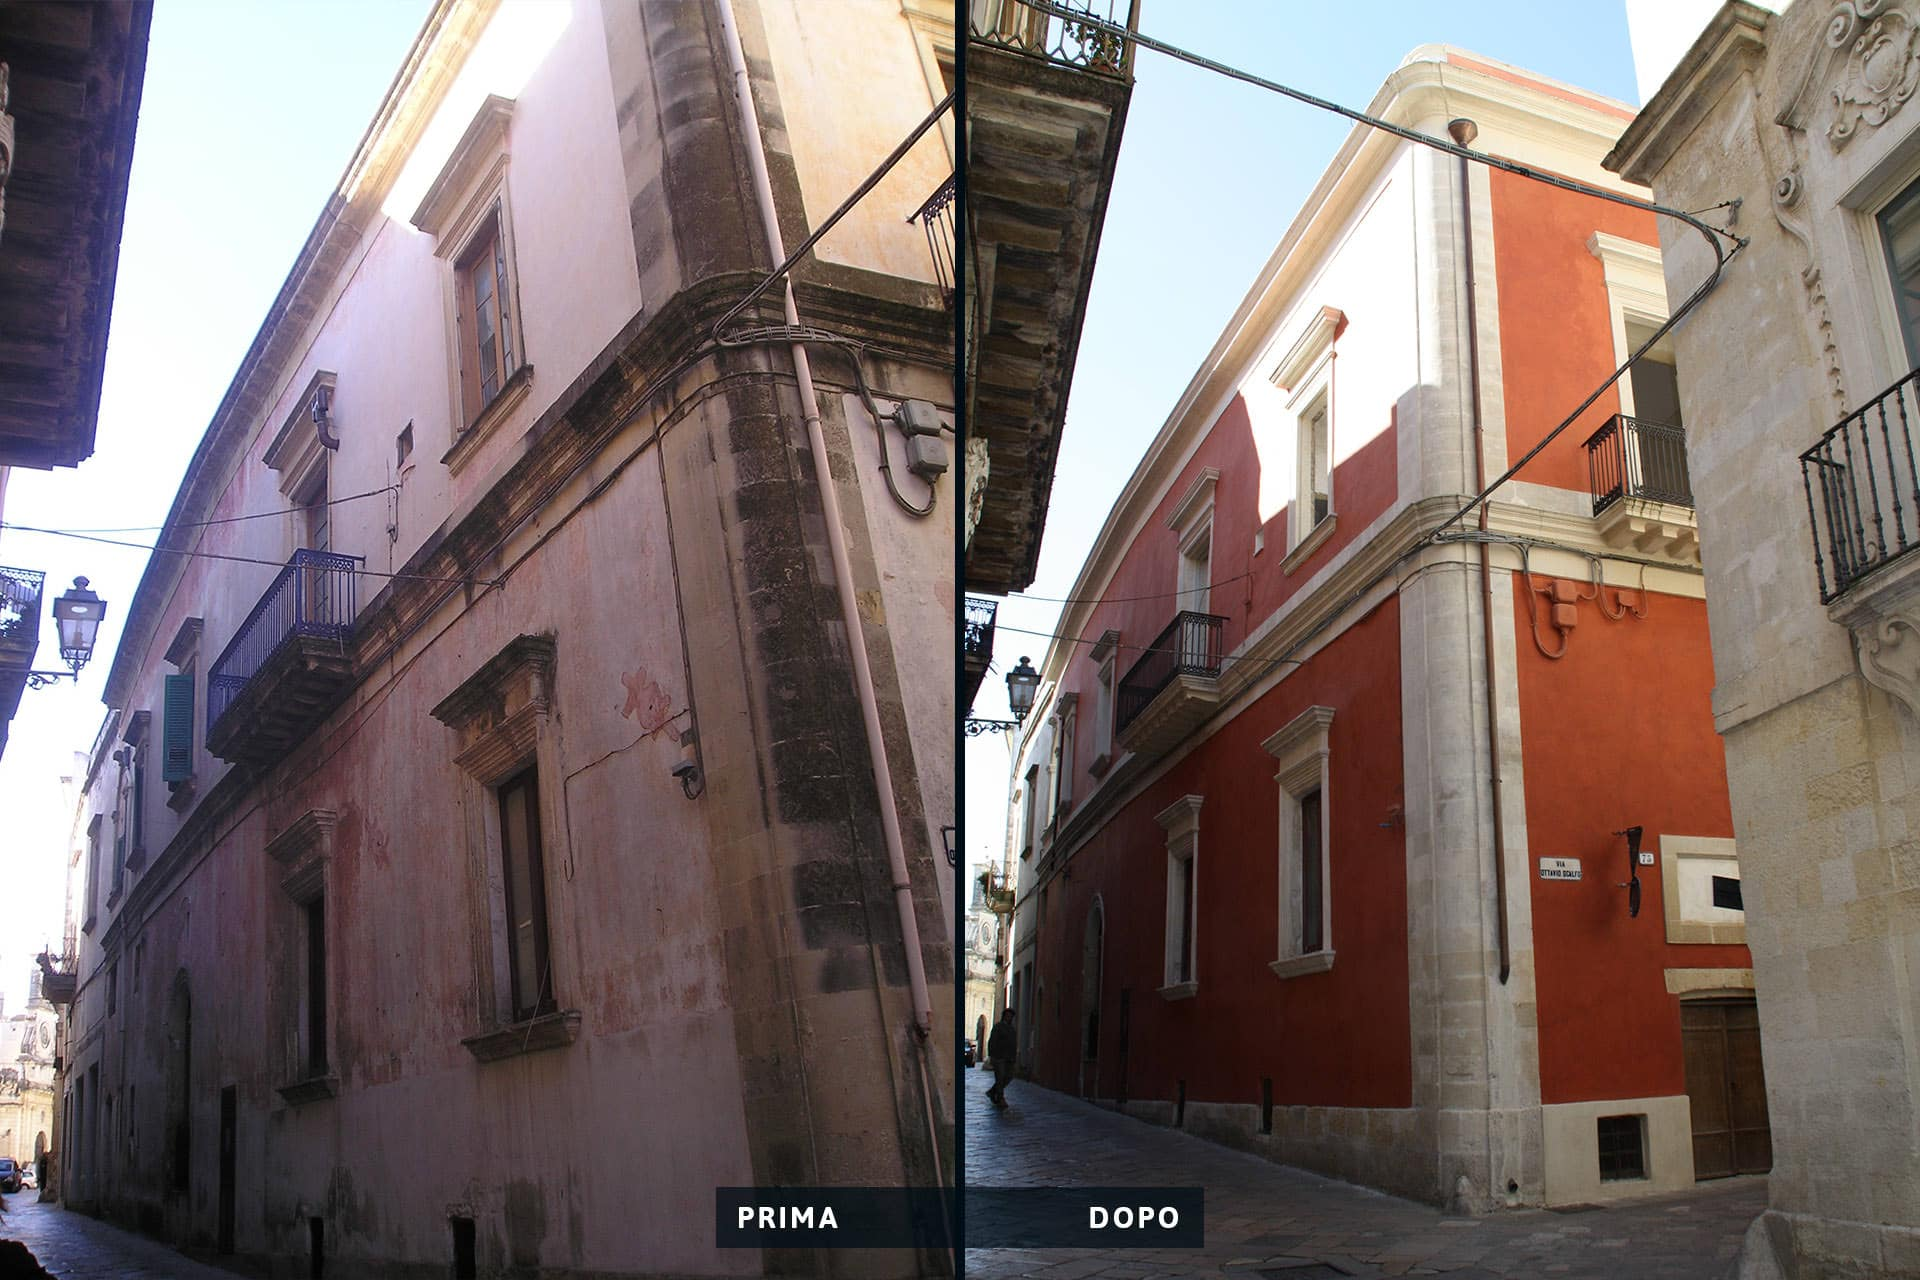 Prima e dopo - 05